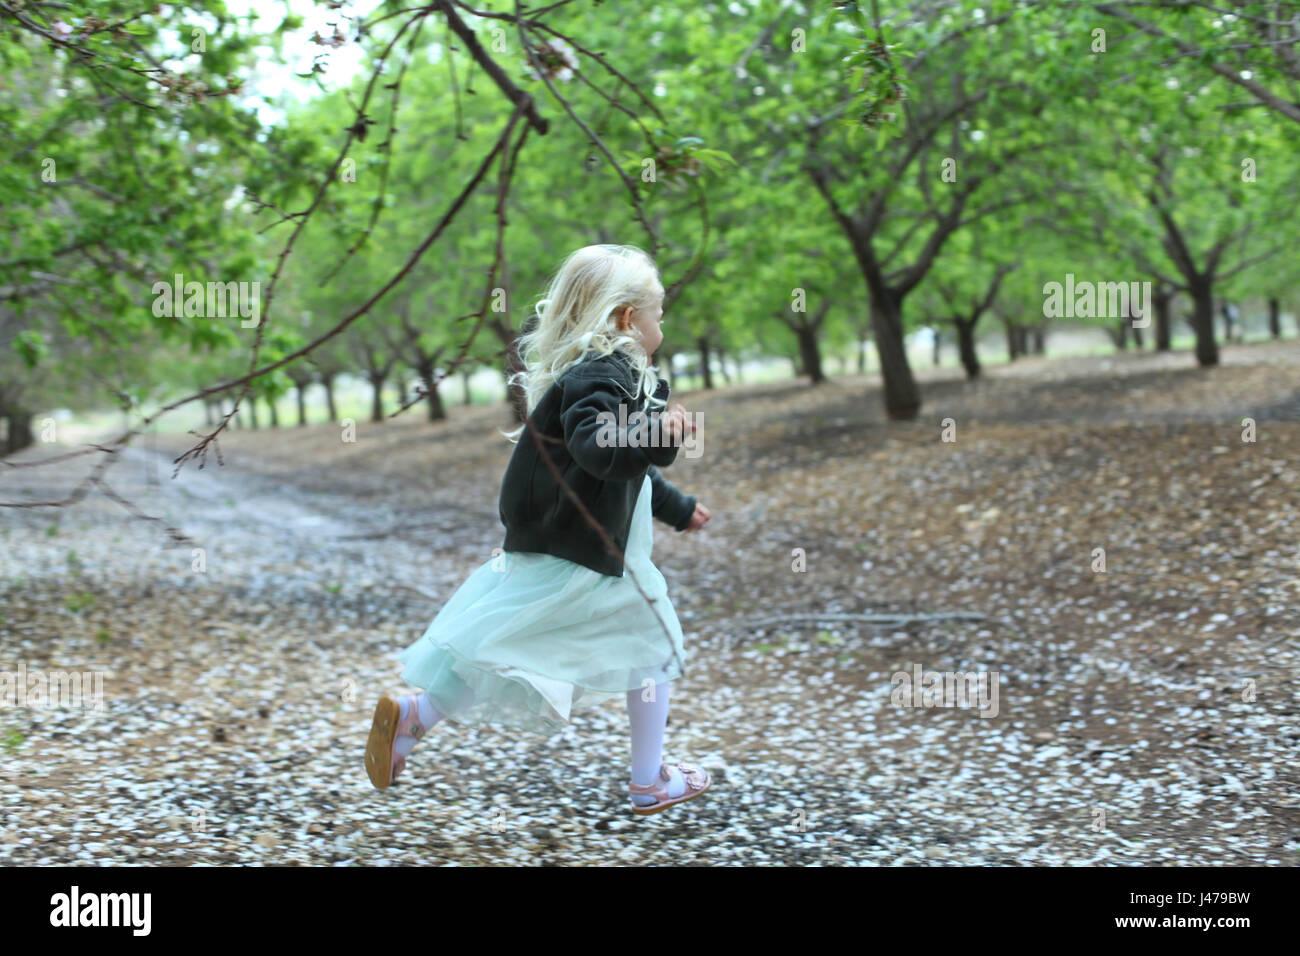 Junges Mädchen von vier, läuft in einen Mandel-Hain mit dem Boden bedeckt mit Blüten. Model-Release Stockbild